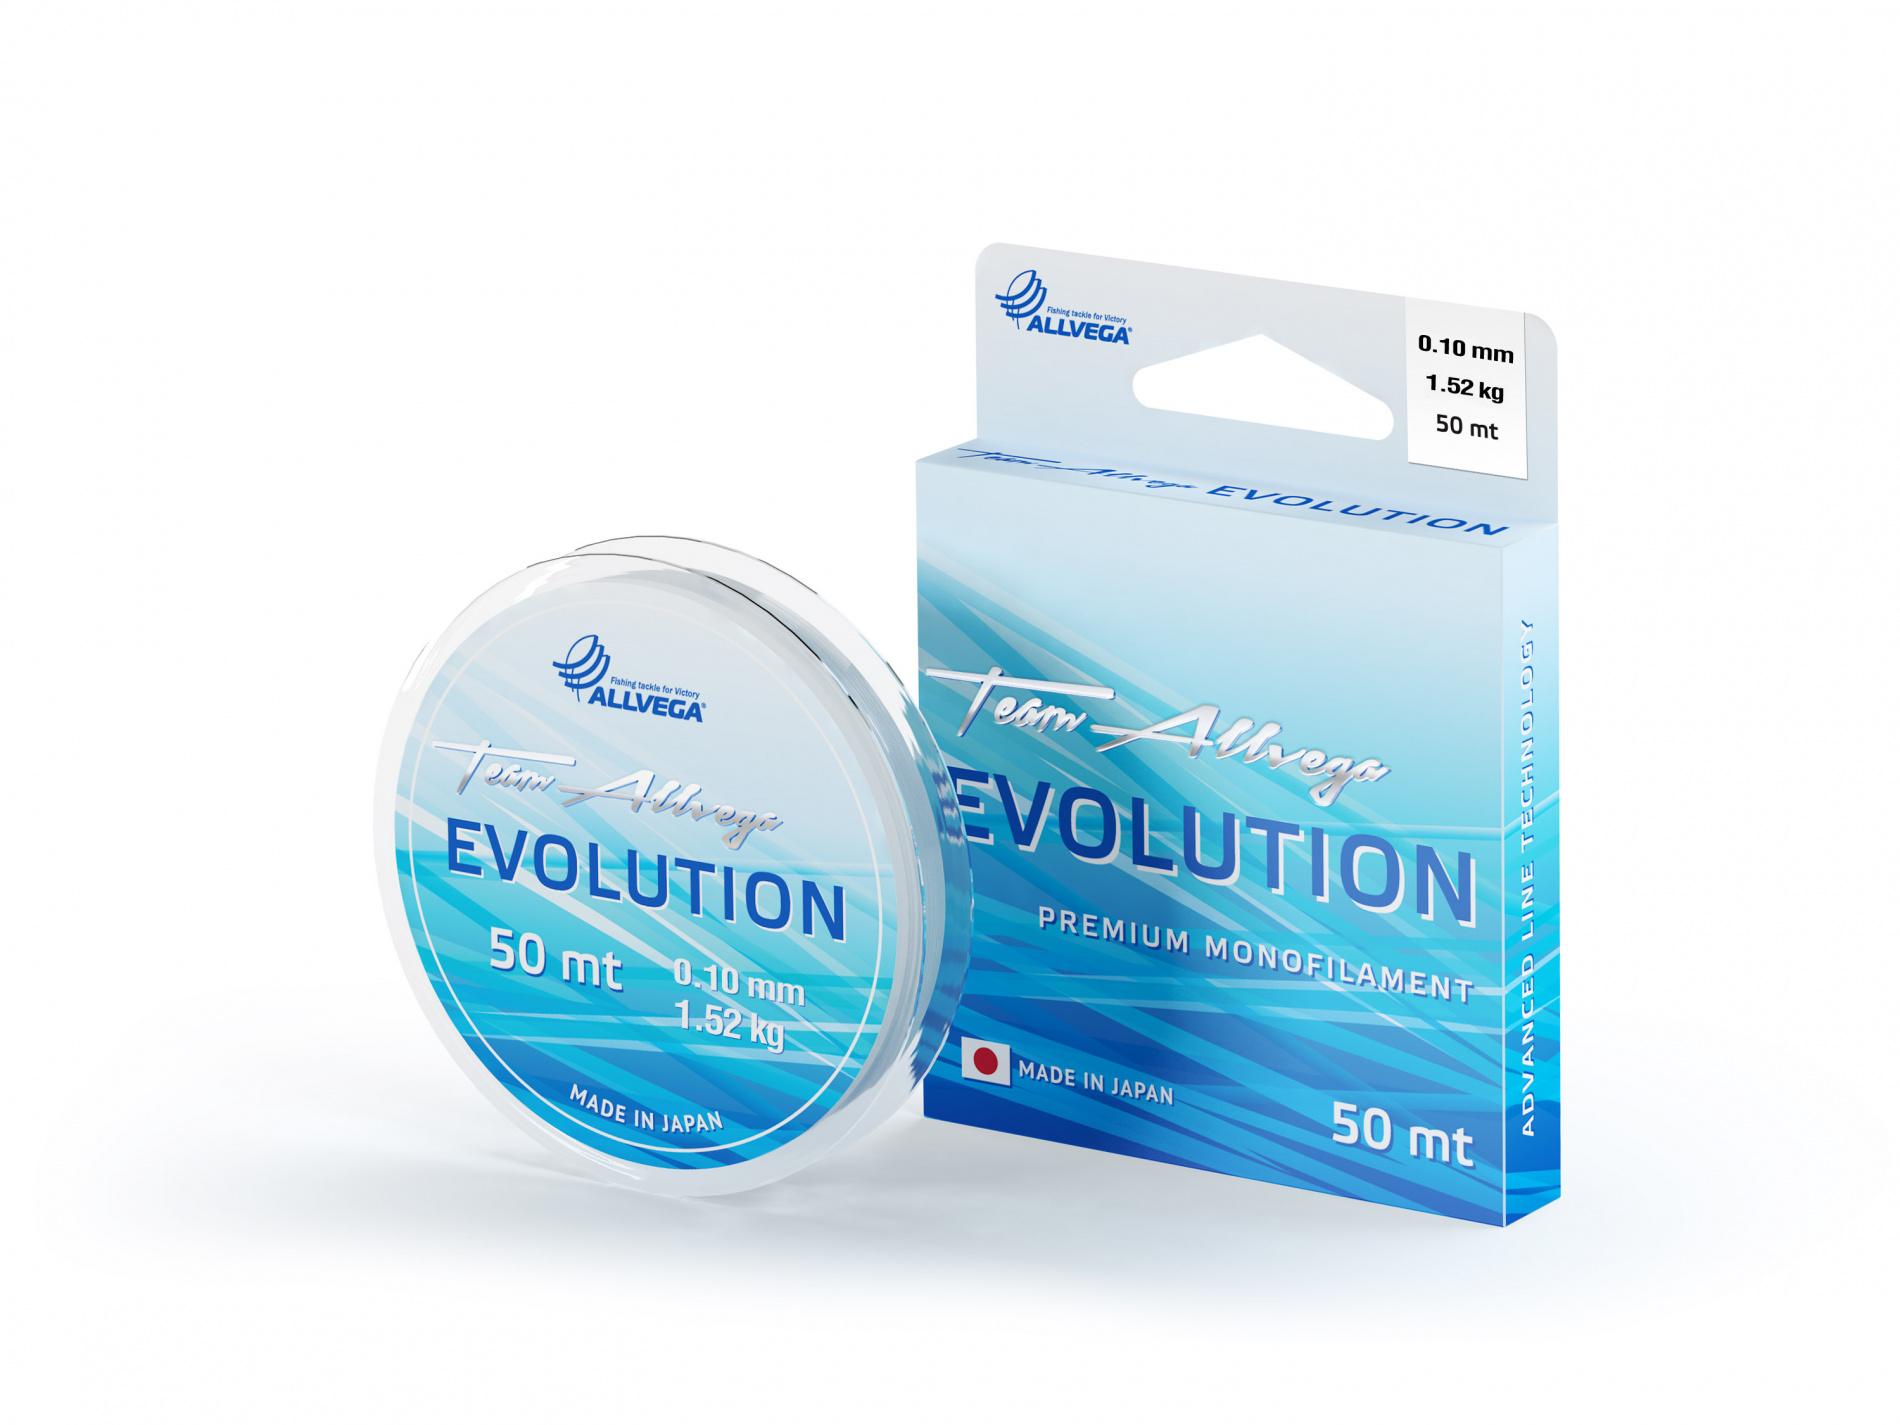 Леска ALLVEGA Evolution 0,10мм (50м) (1,52кг) (прозрачная)Леска монофильная<br>Леска EVOLUTION - это результат интеграции многолетнего <br>опыта европейских рыболовов-спортсменов <br>и современных японских технологий! Важнейшим <br>свойством лески является её однородность <br>и соответствие заявленному диаметру. Если <br>появляется неравномерность в калибровке <br>лески и искажается идеальная окружность <br>в сечении, это ведет к потере однородности <br>лески и ослабляет её. В этом смысле, на сегодняшний <br>день леска EVOLUTION имеет наиболее однородную <br>структуру. Из множества вариантов мы выбираем <br>новейшее и наиболее подходящее сырьё, чтобы <br>добиться исключительных характеристик <br>лески, выдержать оптимальный баланс между <br>прочностью и растяжимостью, и создать идеальный <br>продукт для любых условий ловли. Цвет прозрачный. <br>Сделана, размотана и упакована в Японии.<br><br>Сезон: лето